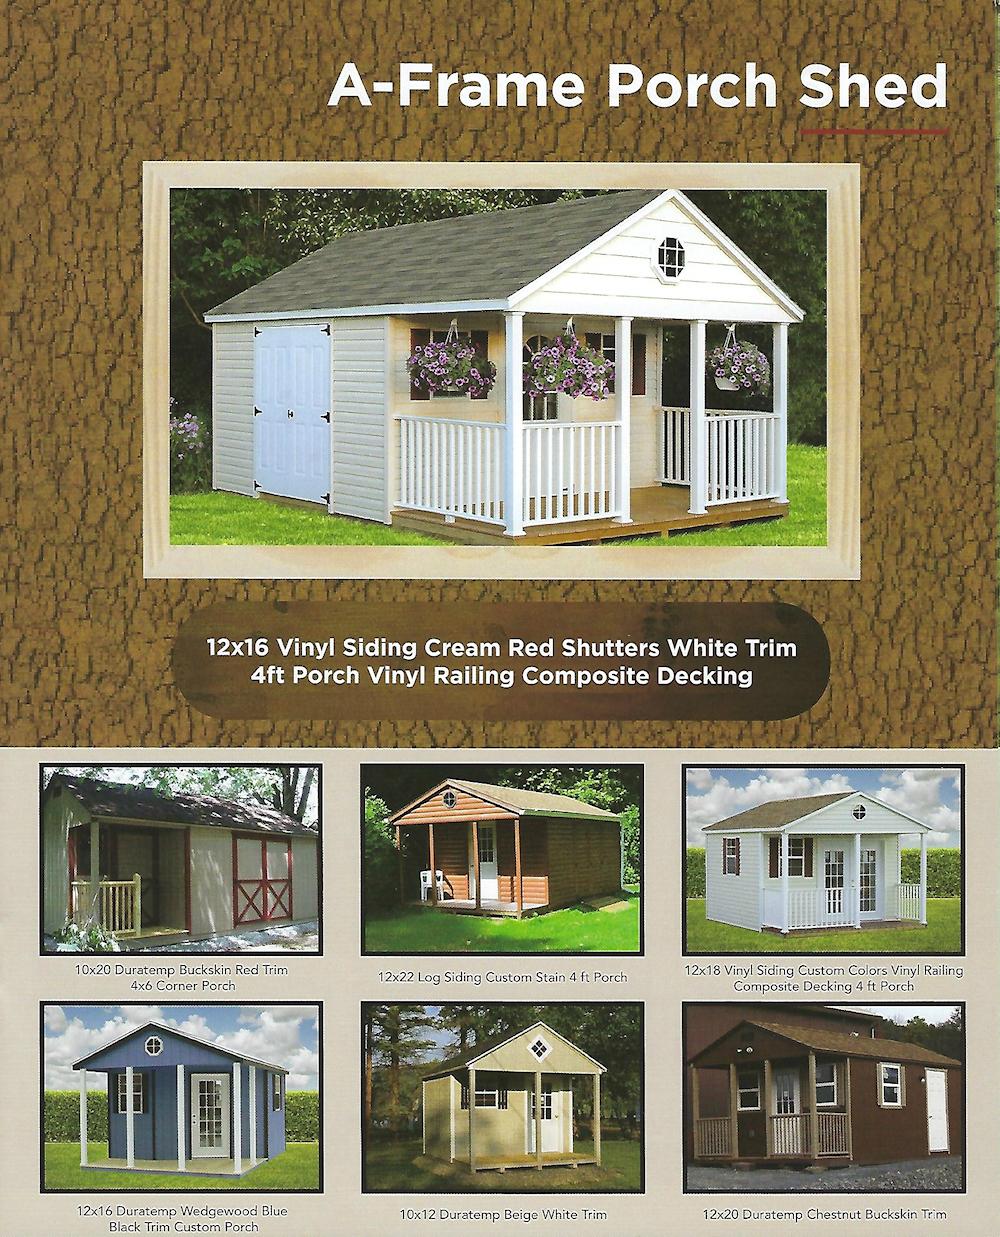 a-frame porch sheds sm.jpg